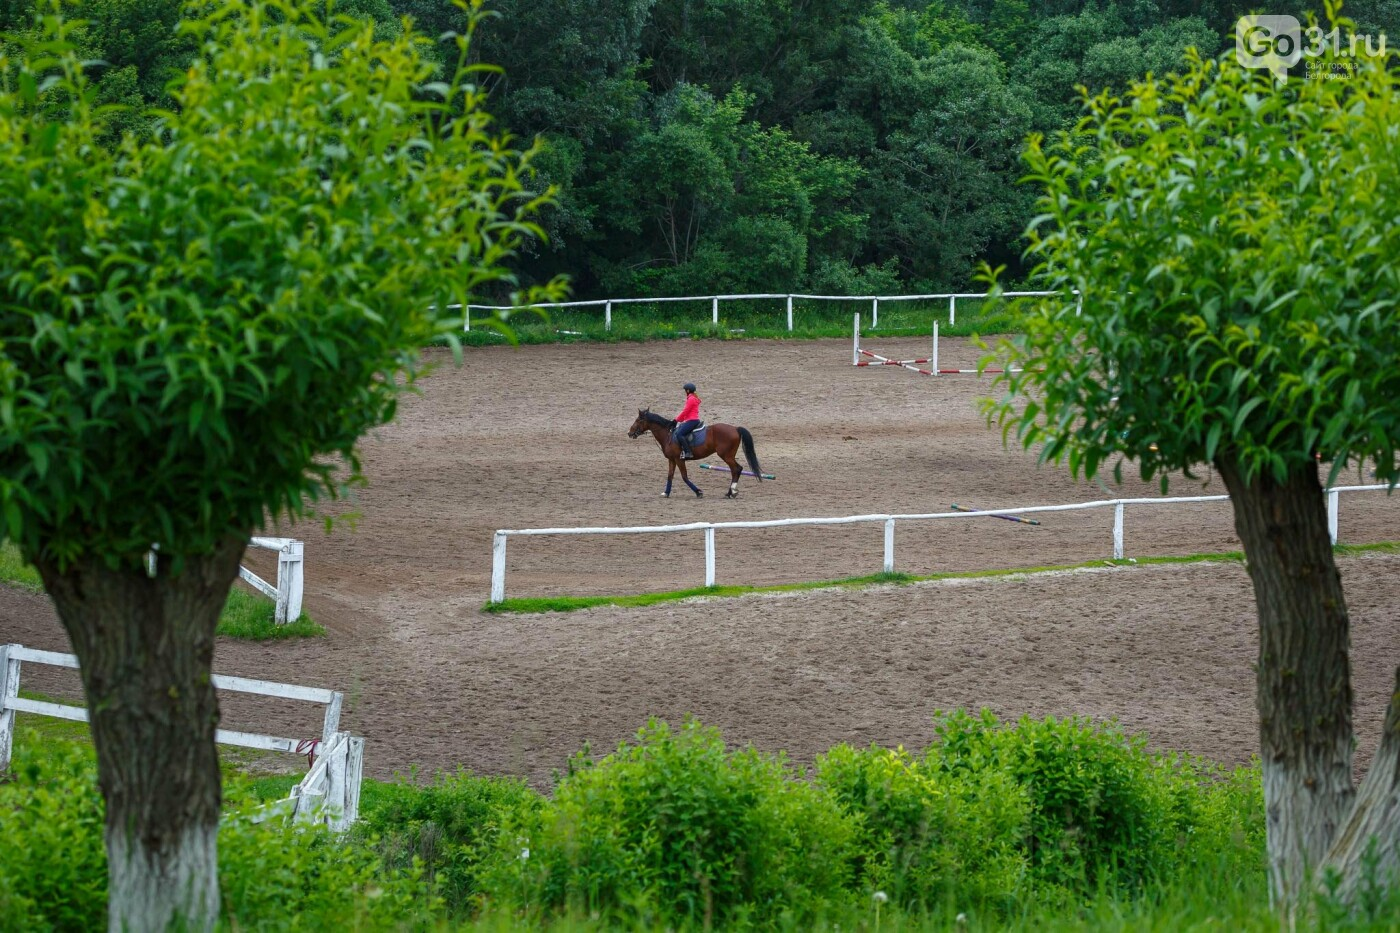 Конные соревнования в Белгороде, фото Антон Вергун